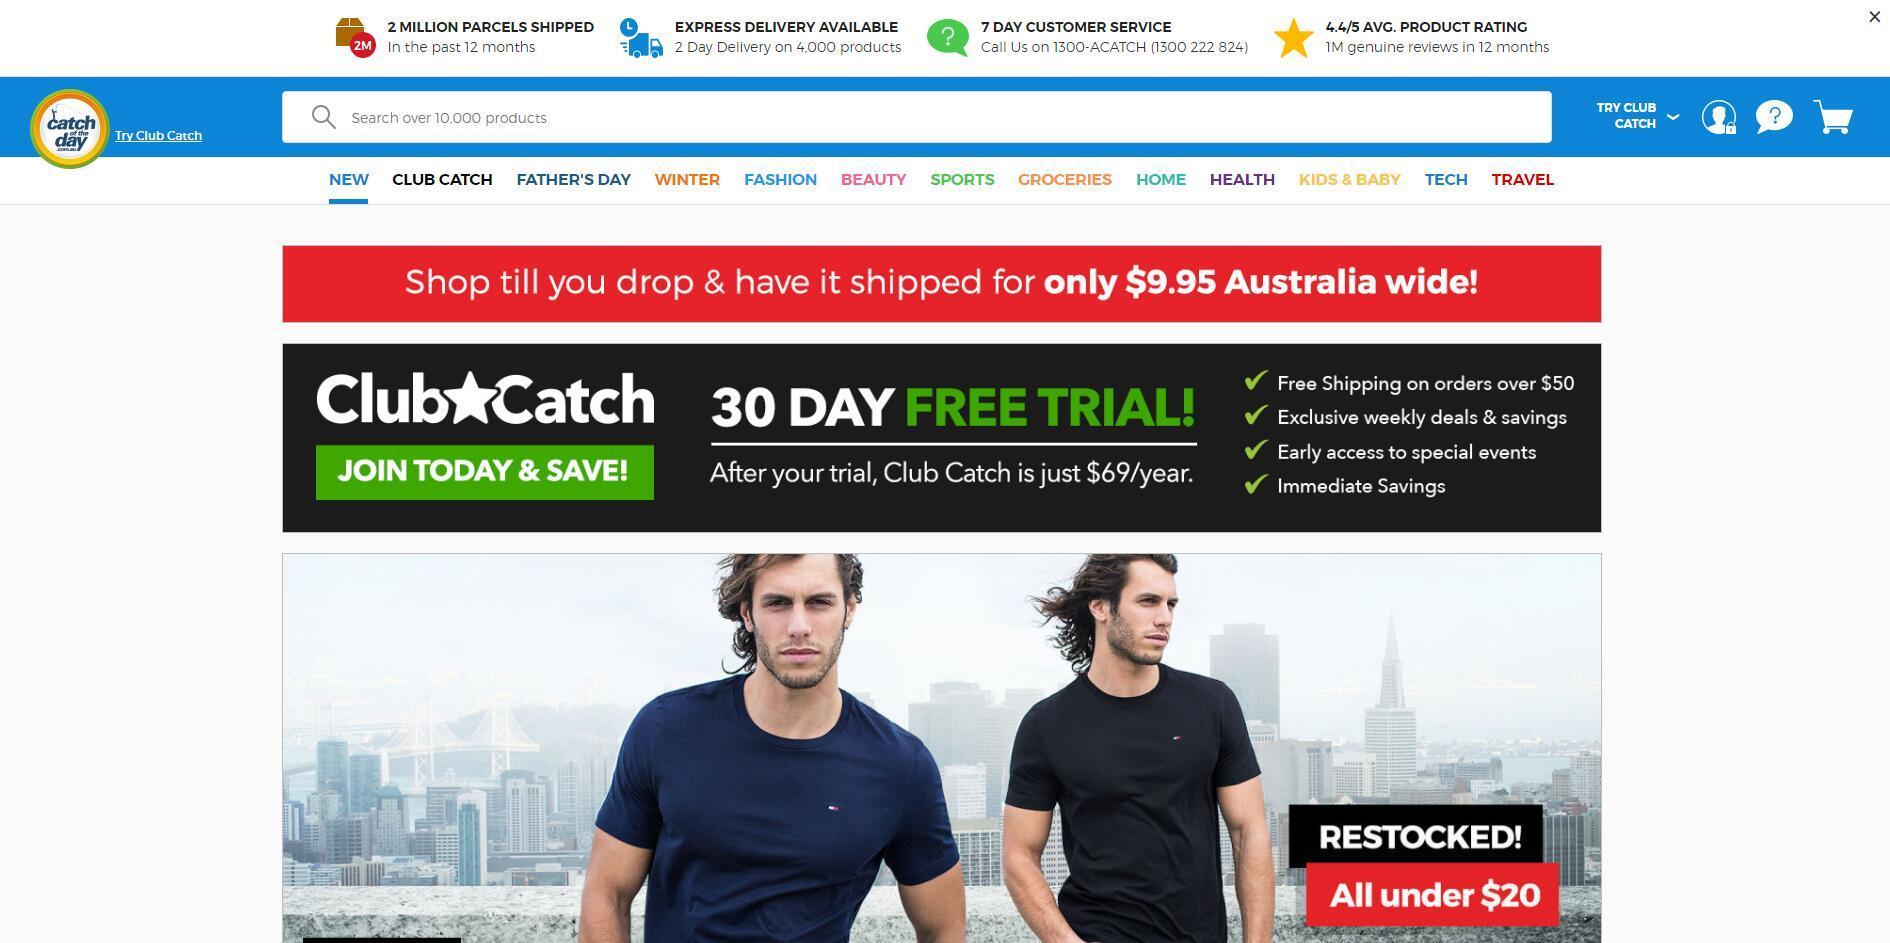 澳大利亚购物网站有哪些 澳大利亚购物网站盘点